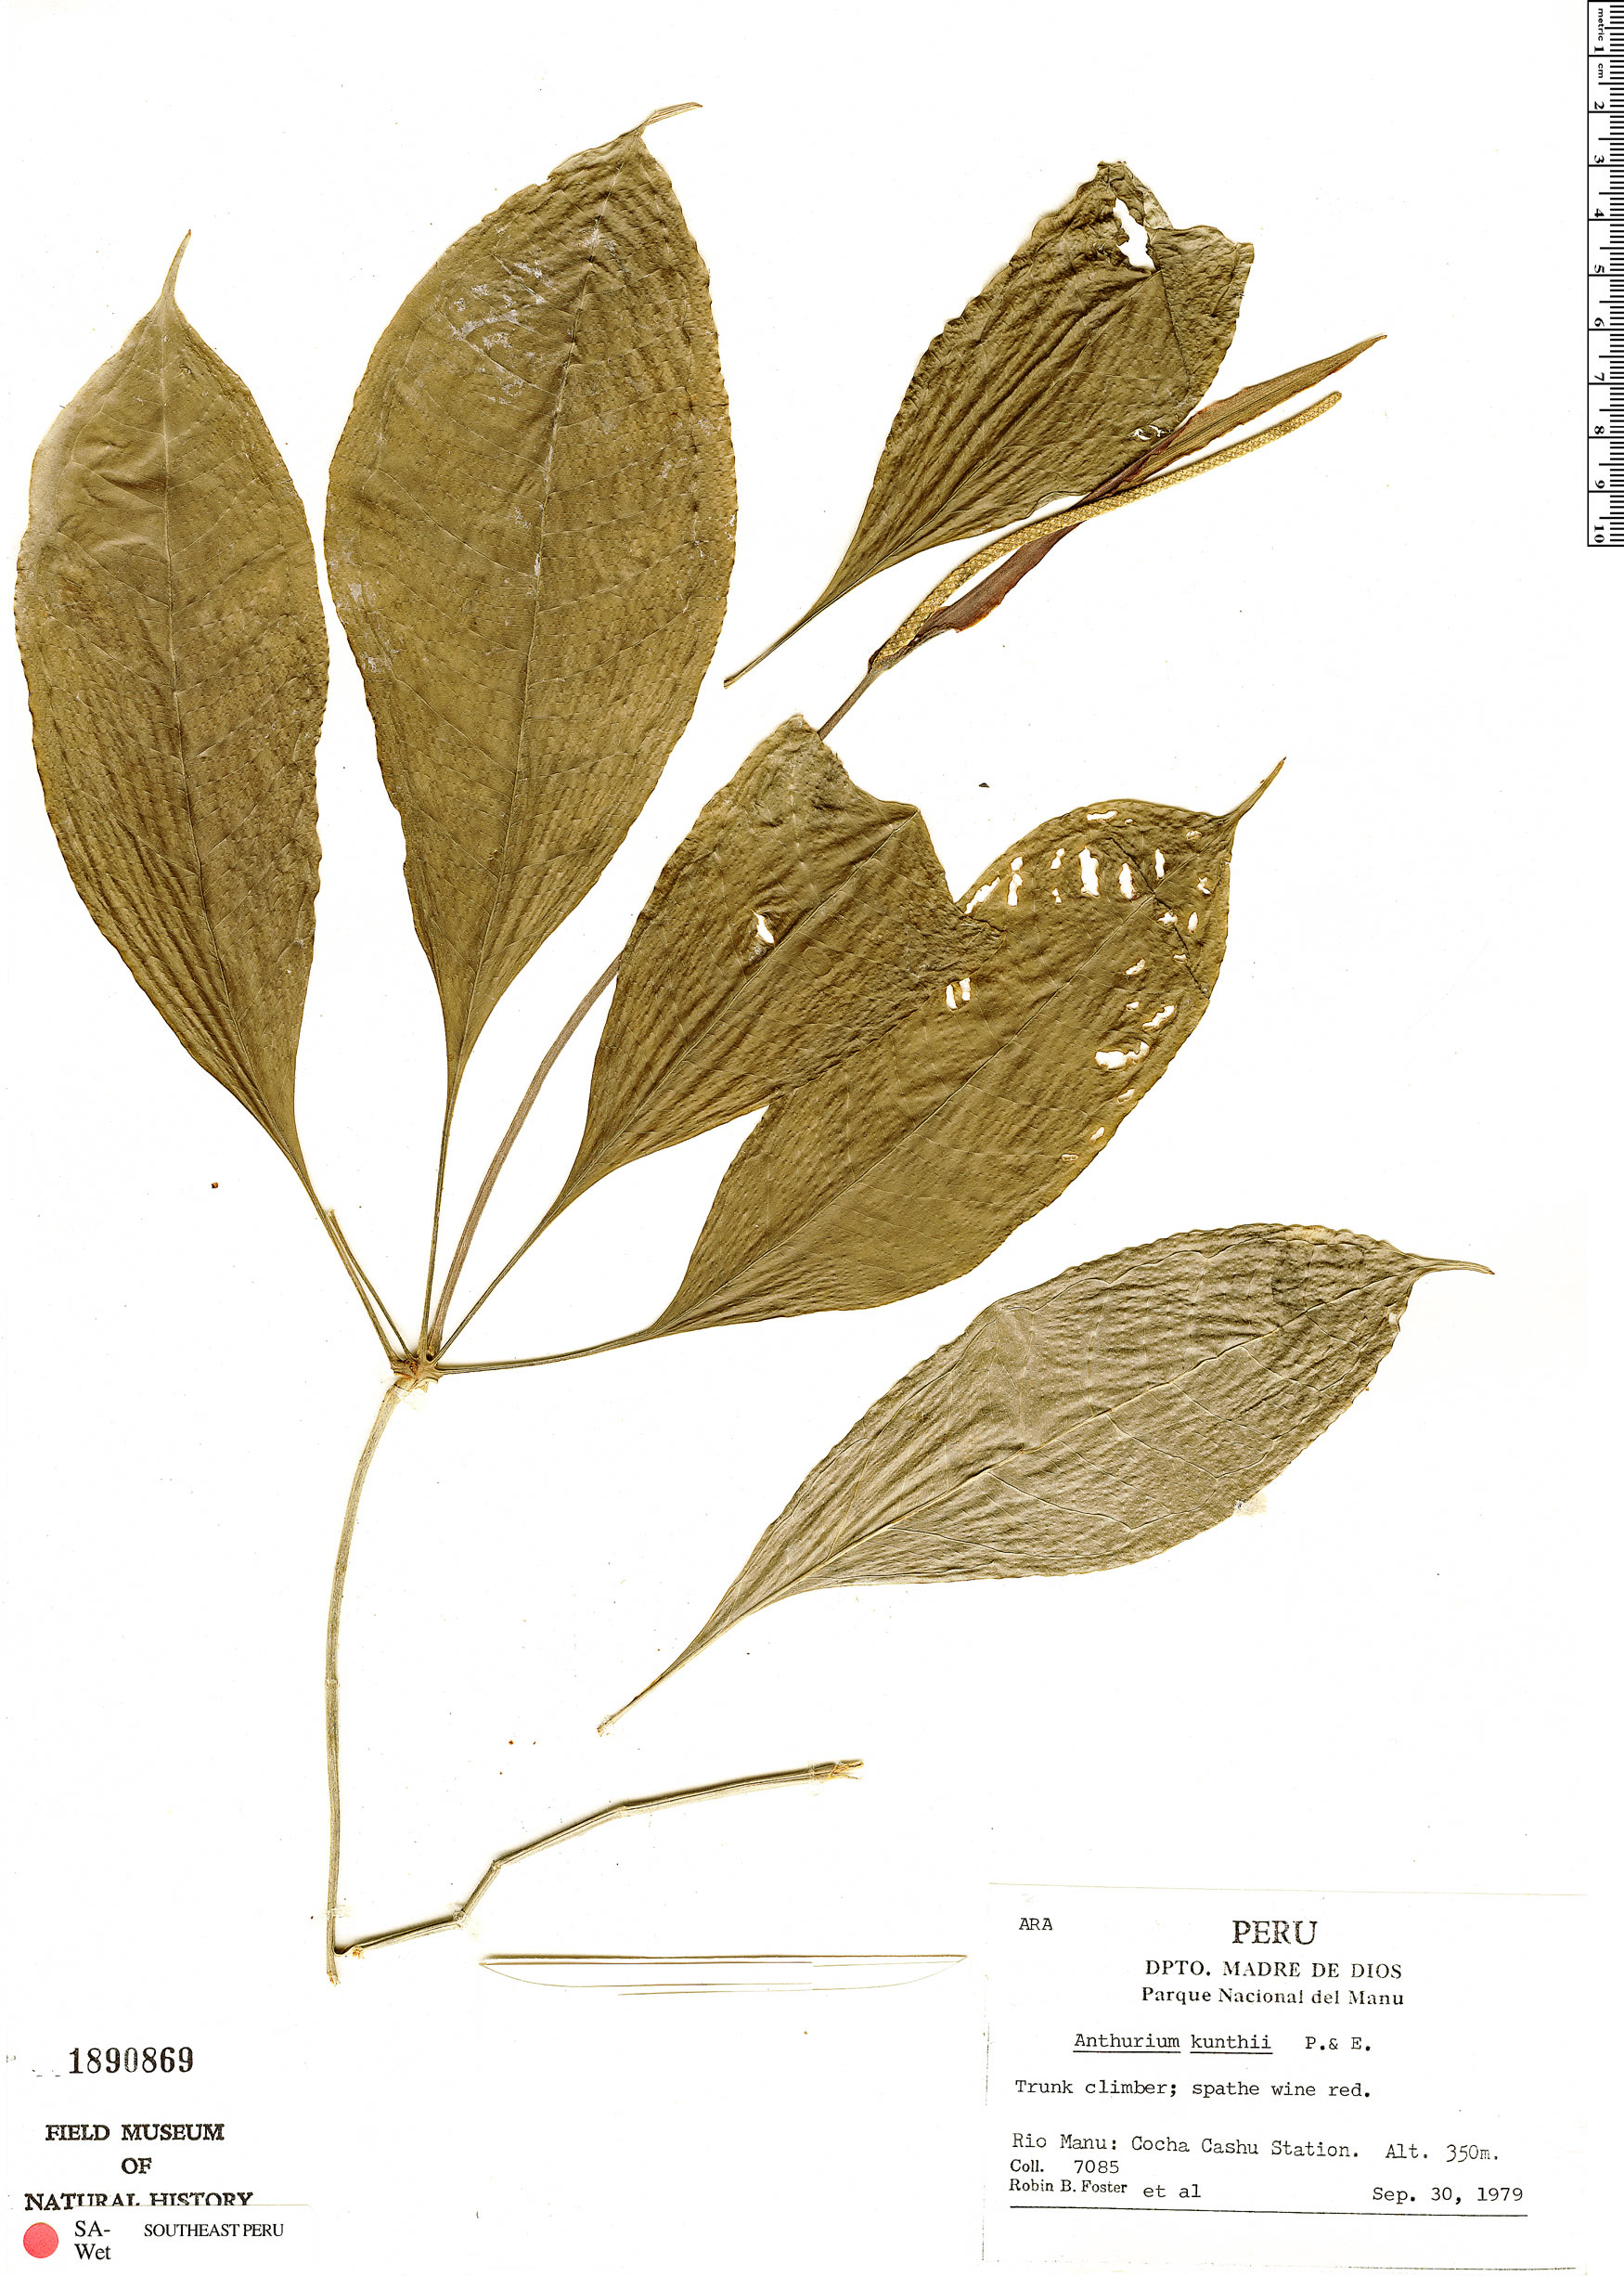 Specimen: Anthurium kunthii